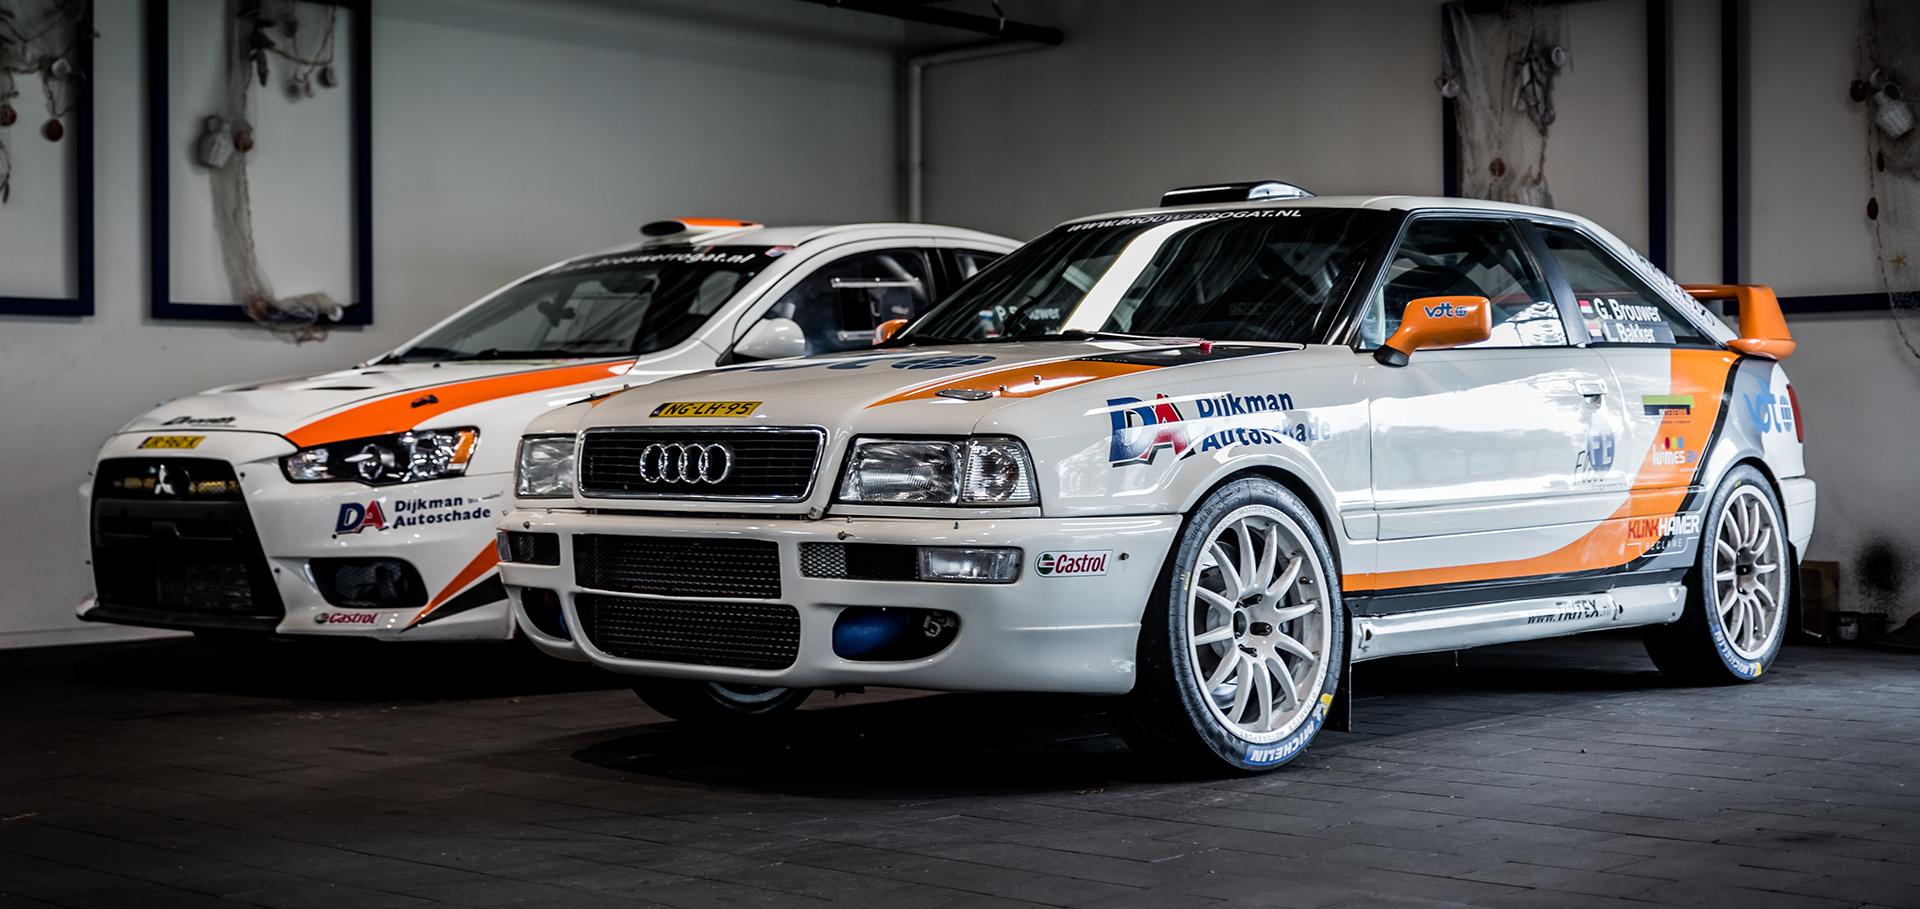 Rallysport Brouwer